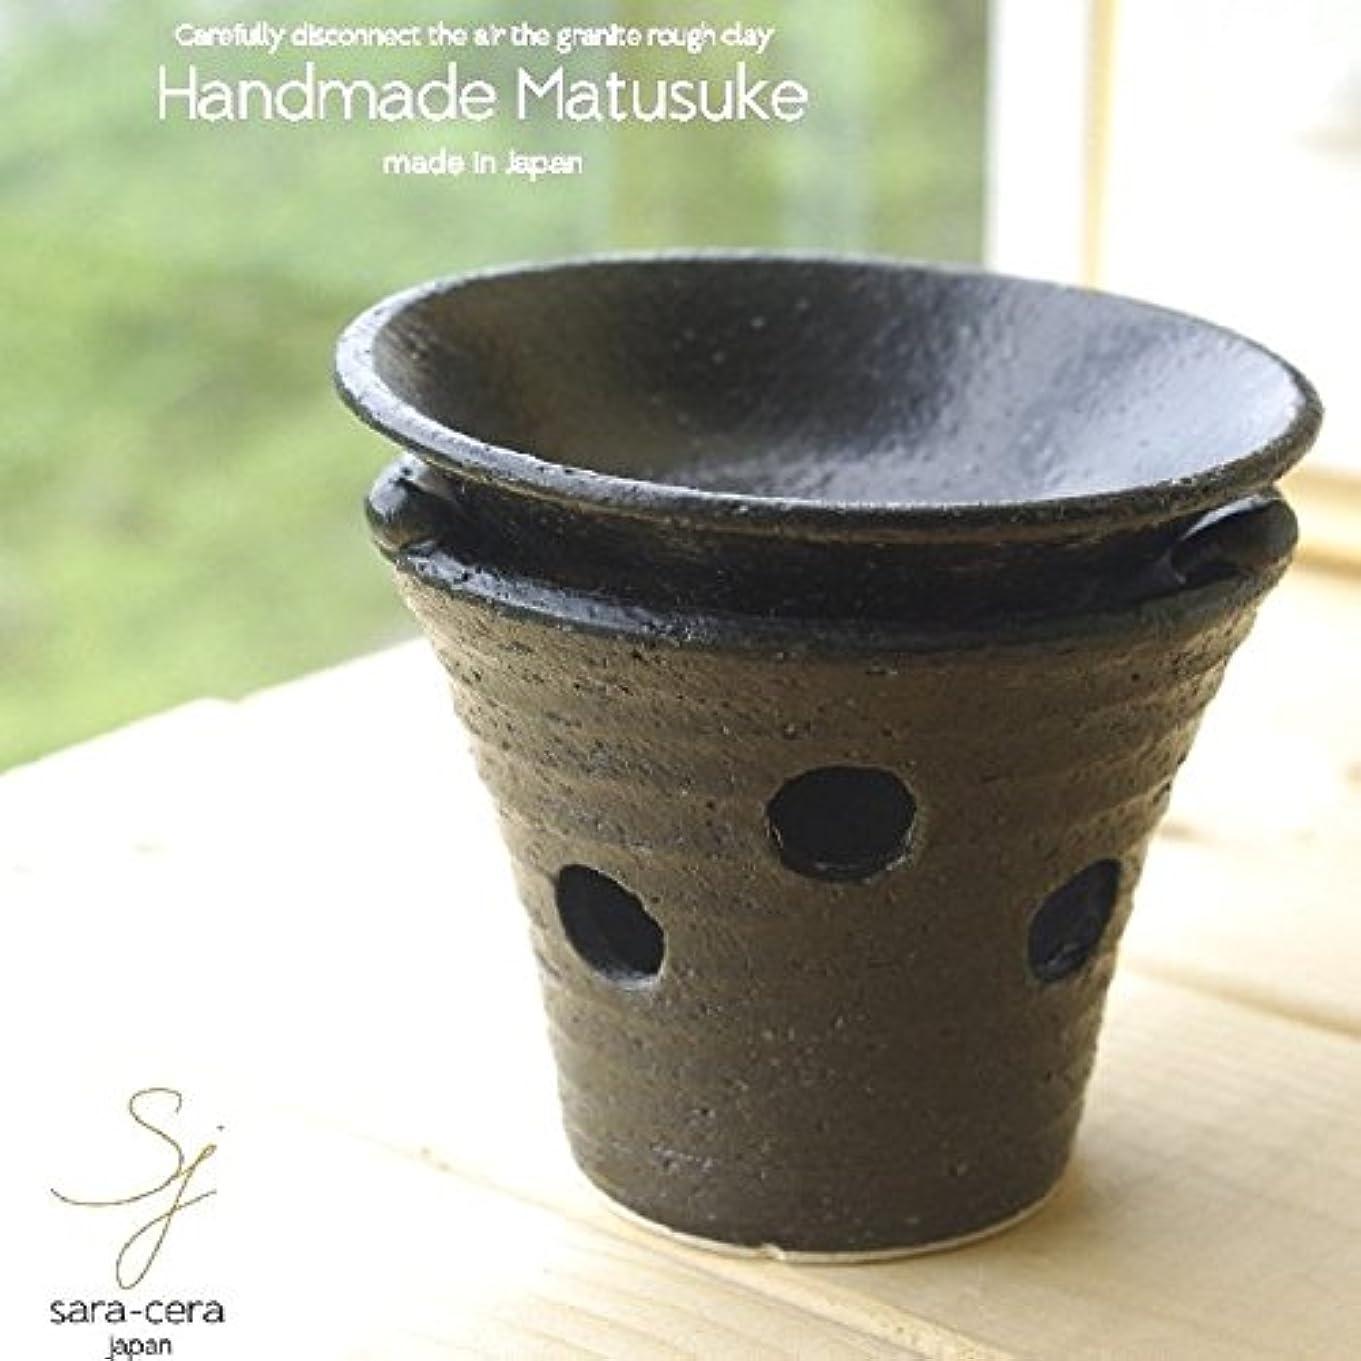 ゲスト金曜日ランプ松助窯 手作り茶香炉セット 黒釉 ブラック アロマ 和食器 リビング